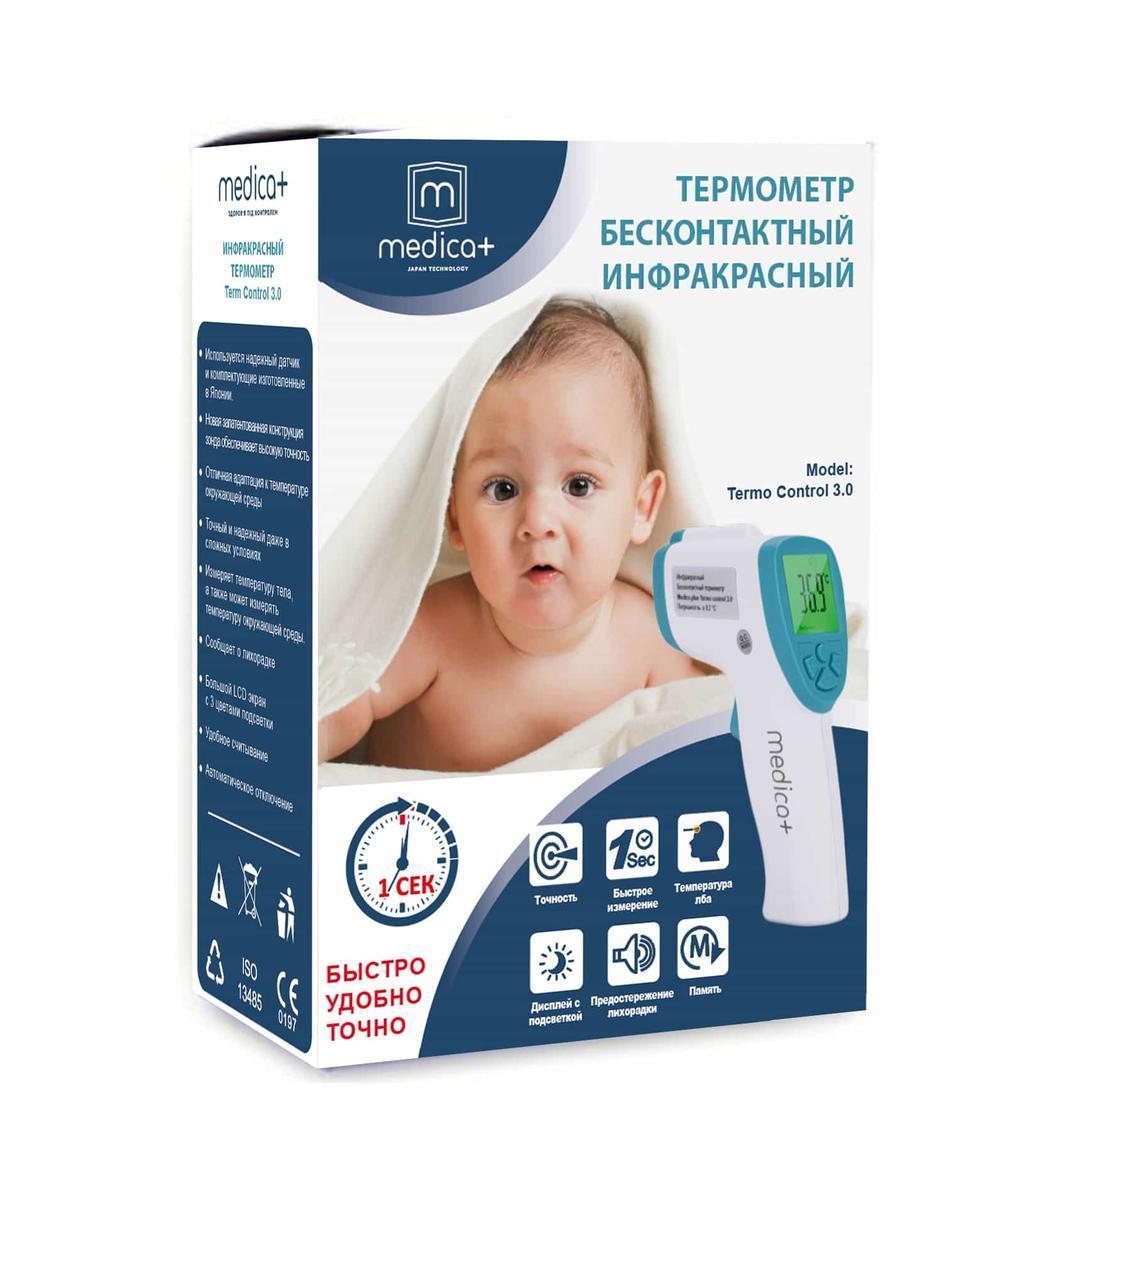 Бесконтактный термометр Medica+ Thermo Control 3.0 (Япония)